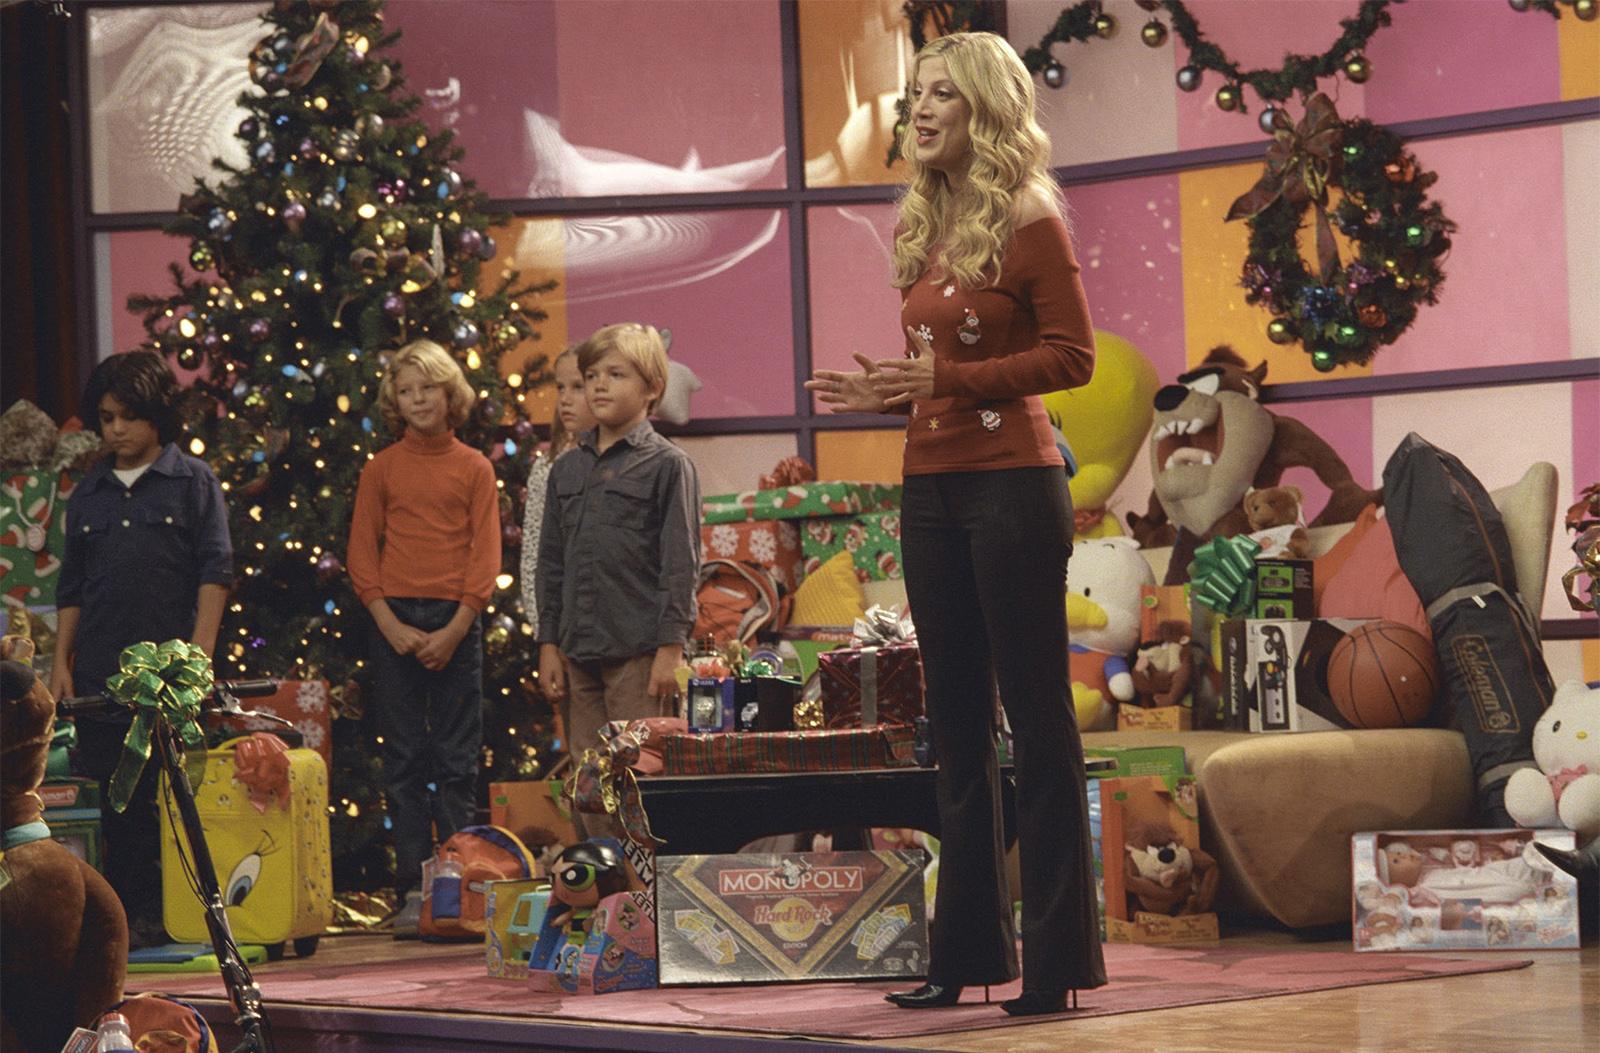 Bild von Carol und die Weihnachtsgeister - Bild 3 auf 3 - FILMSTARTS.de